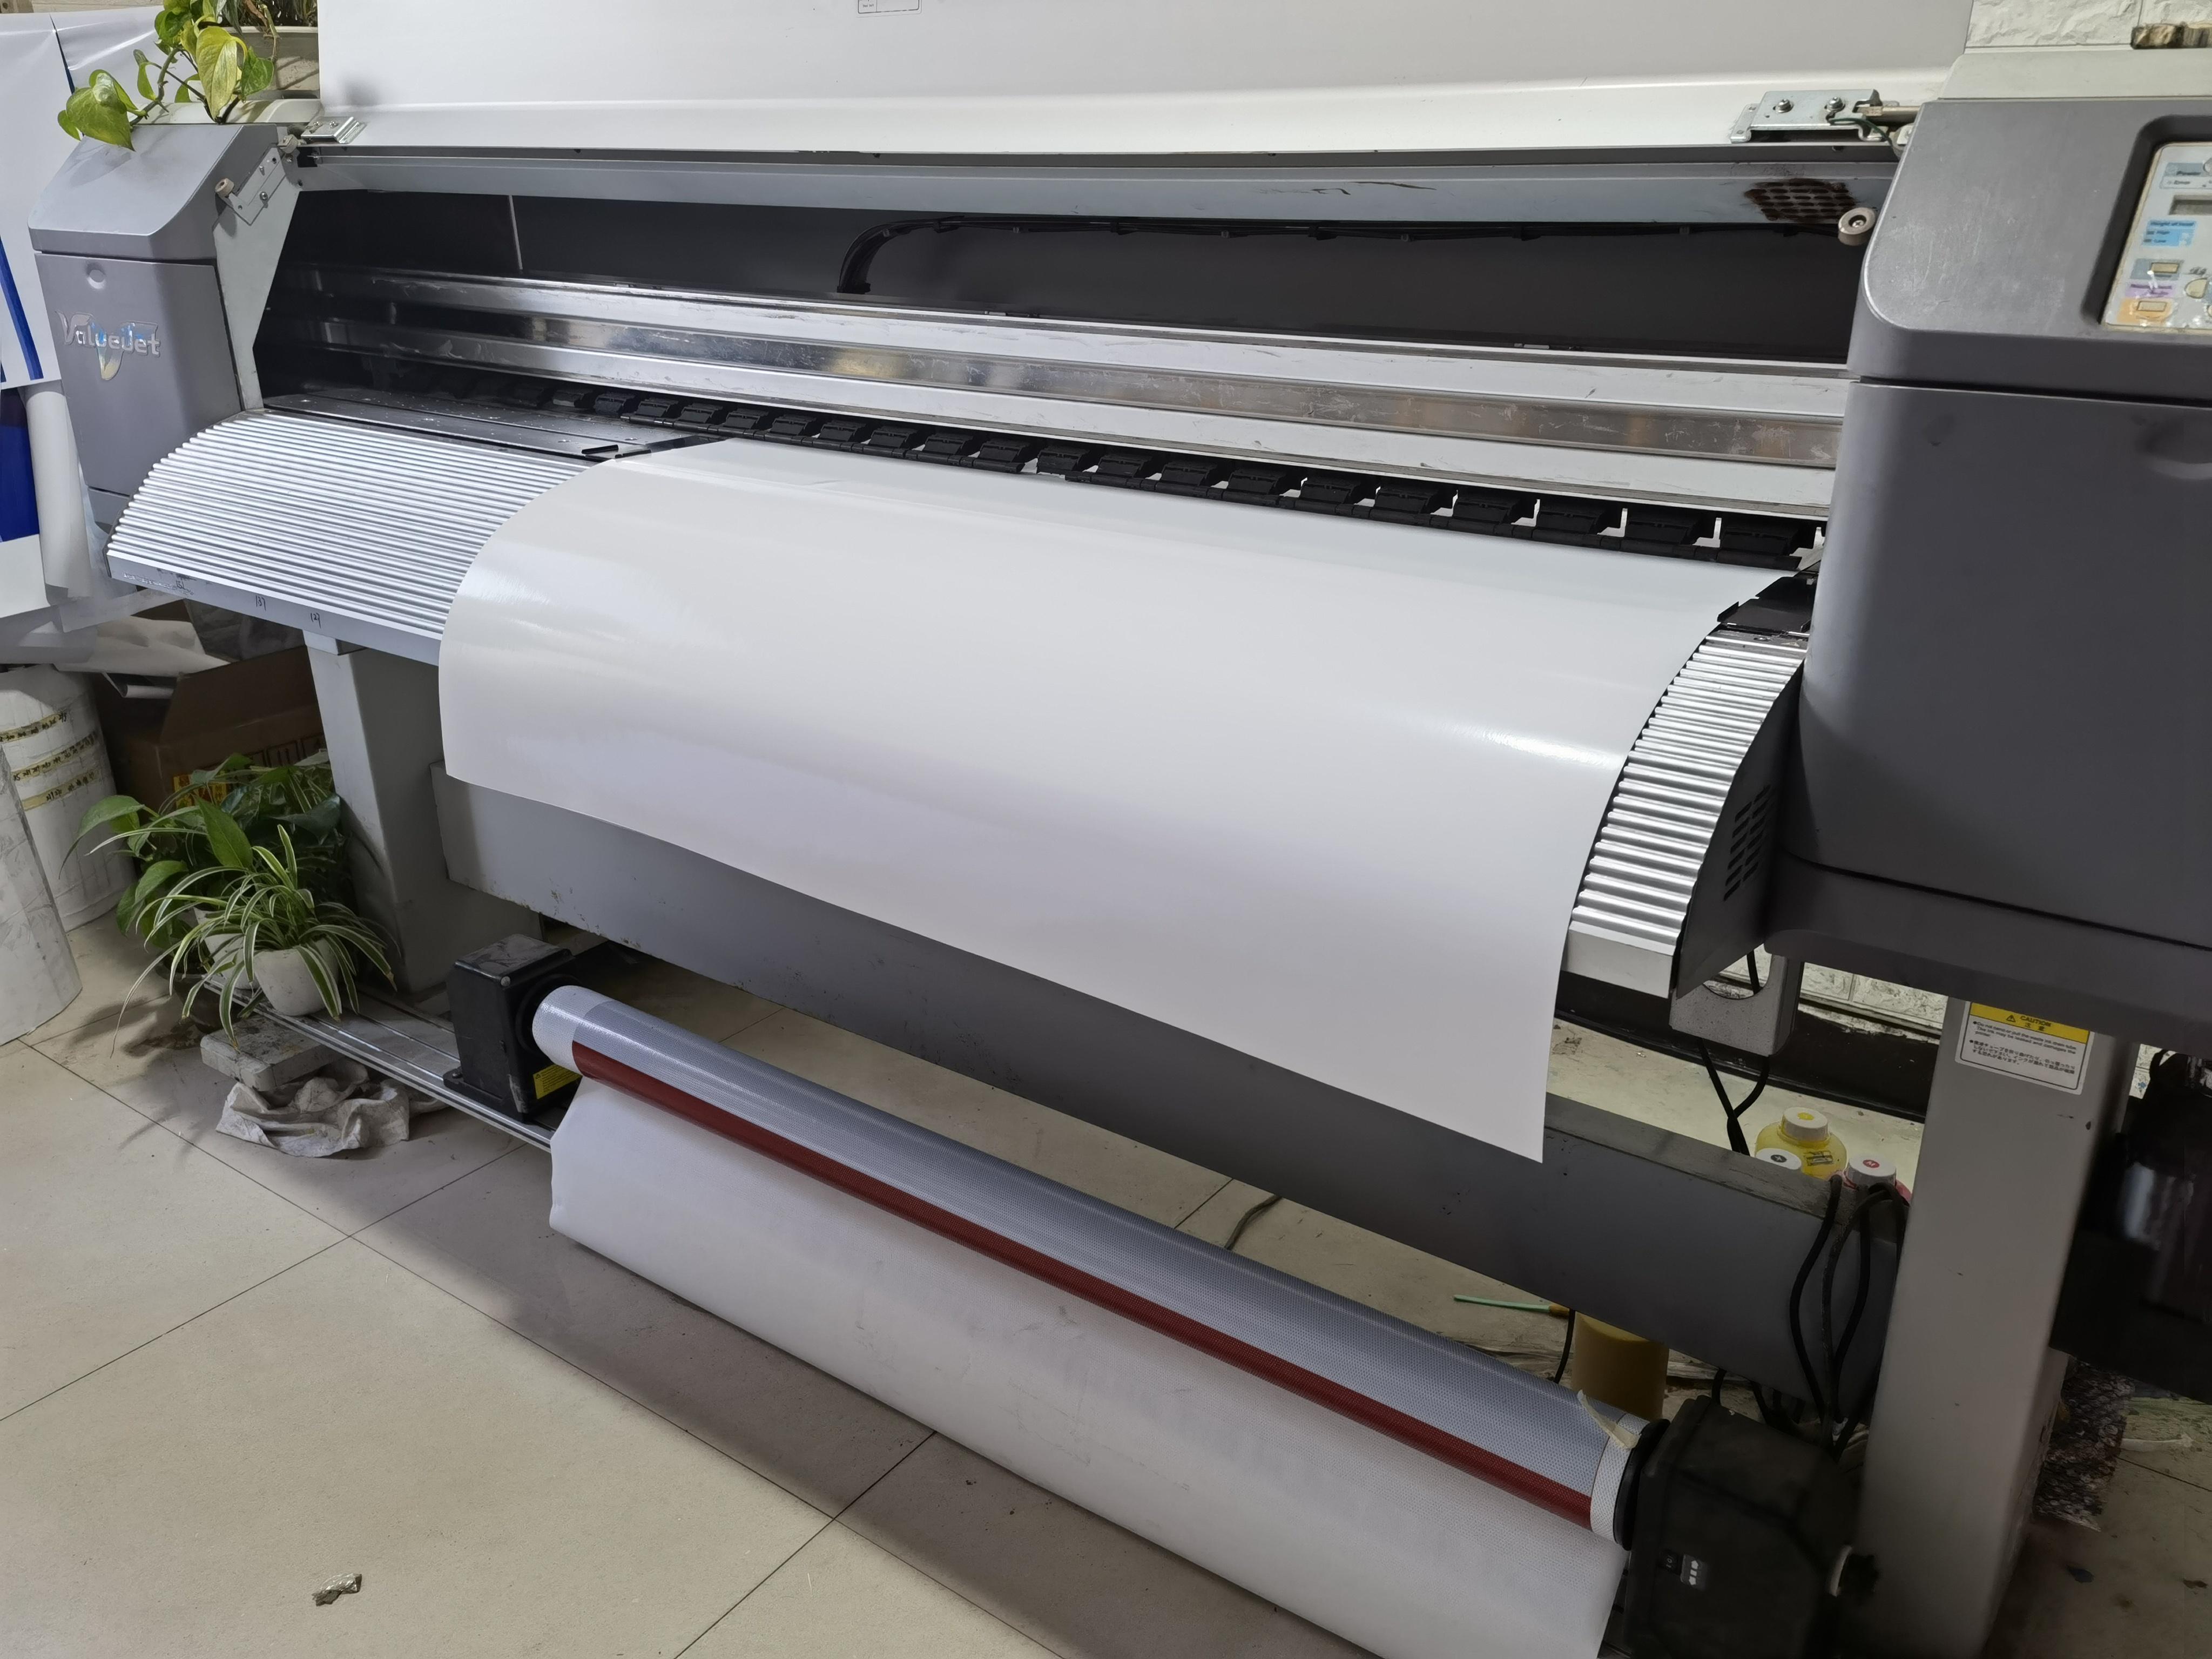 Unisign Водонепроницаемая Глянцевая Самоклеящаяся виниловая наклейка из ПВХ с цифровой печатью, самоклеящаяся виниловая наклейка для автомобиля